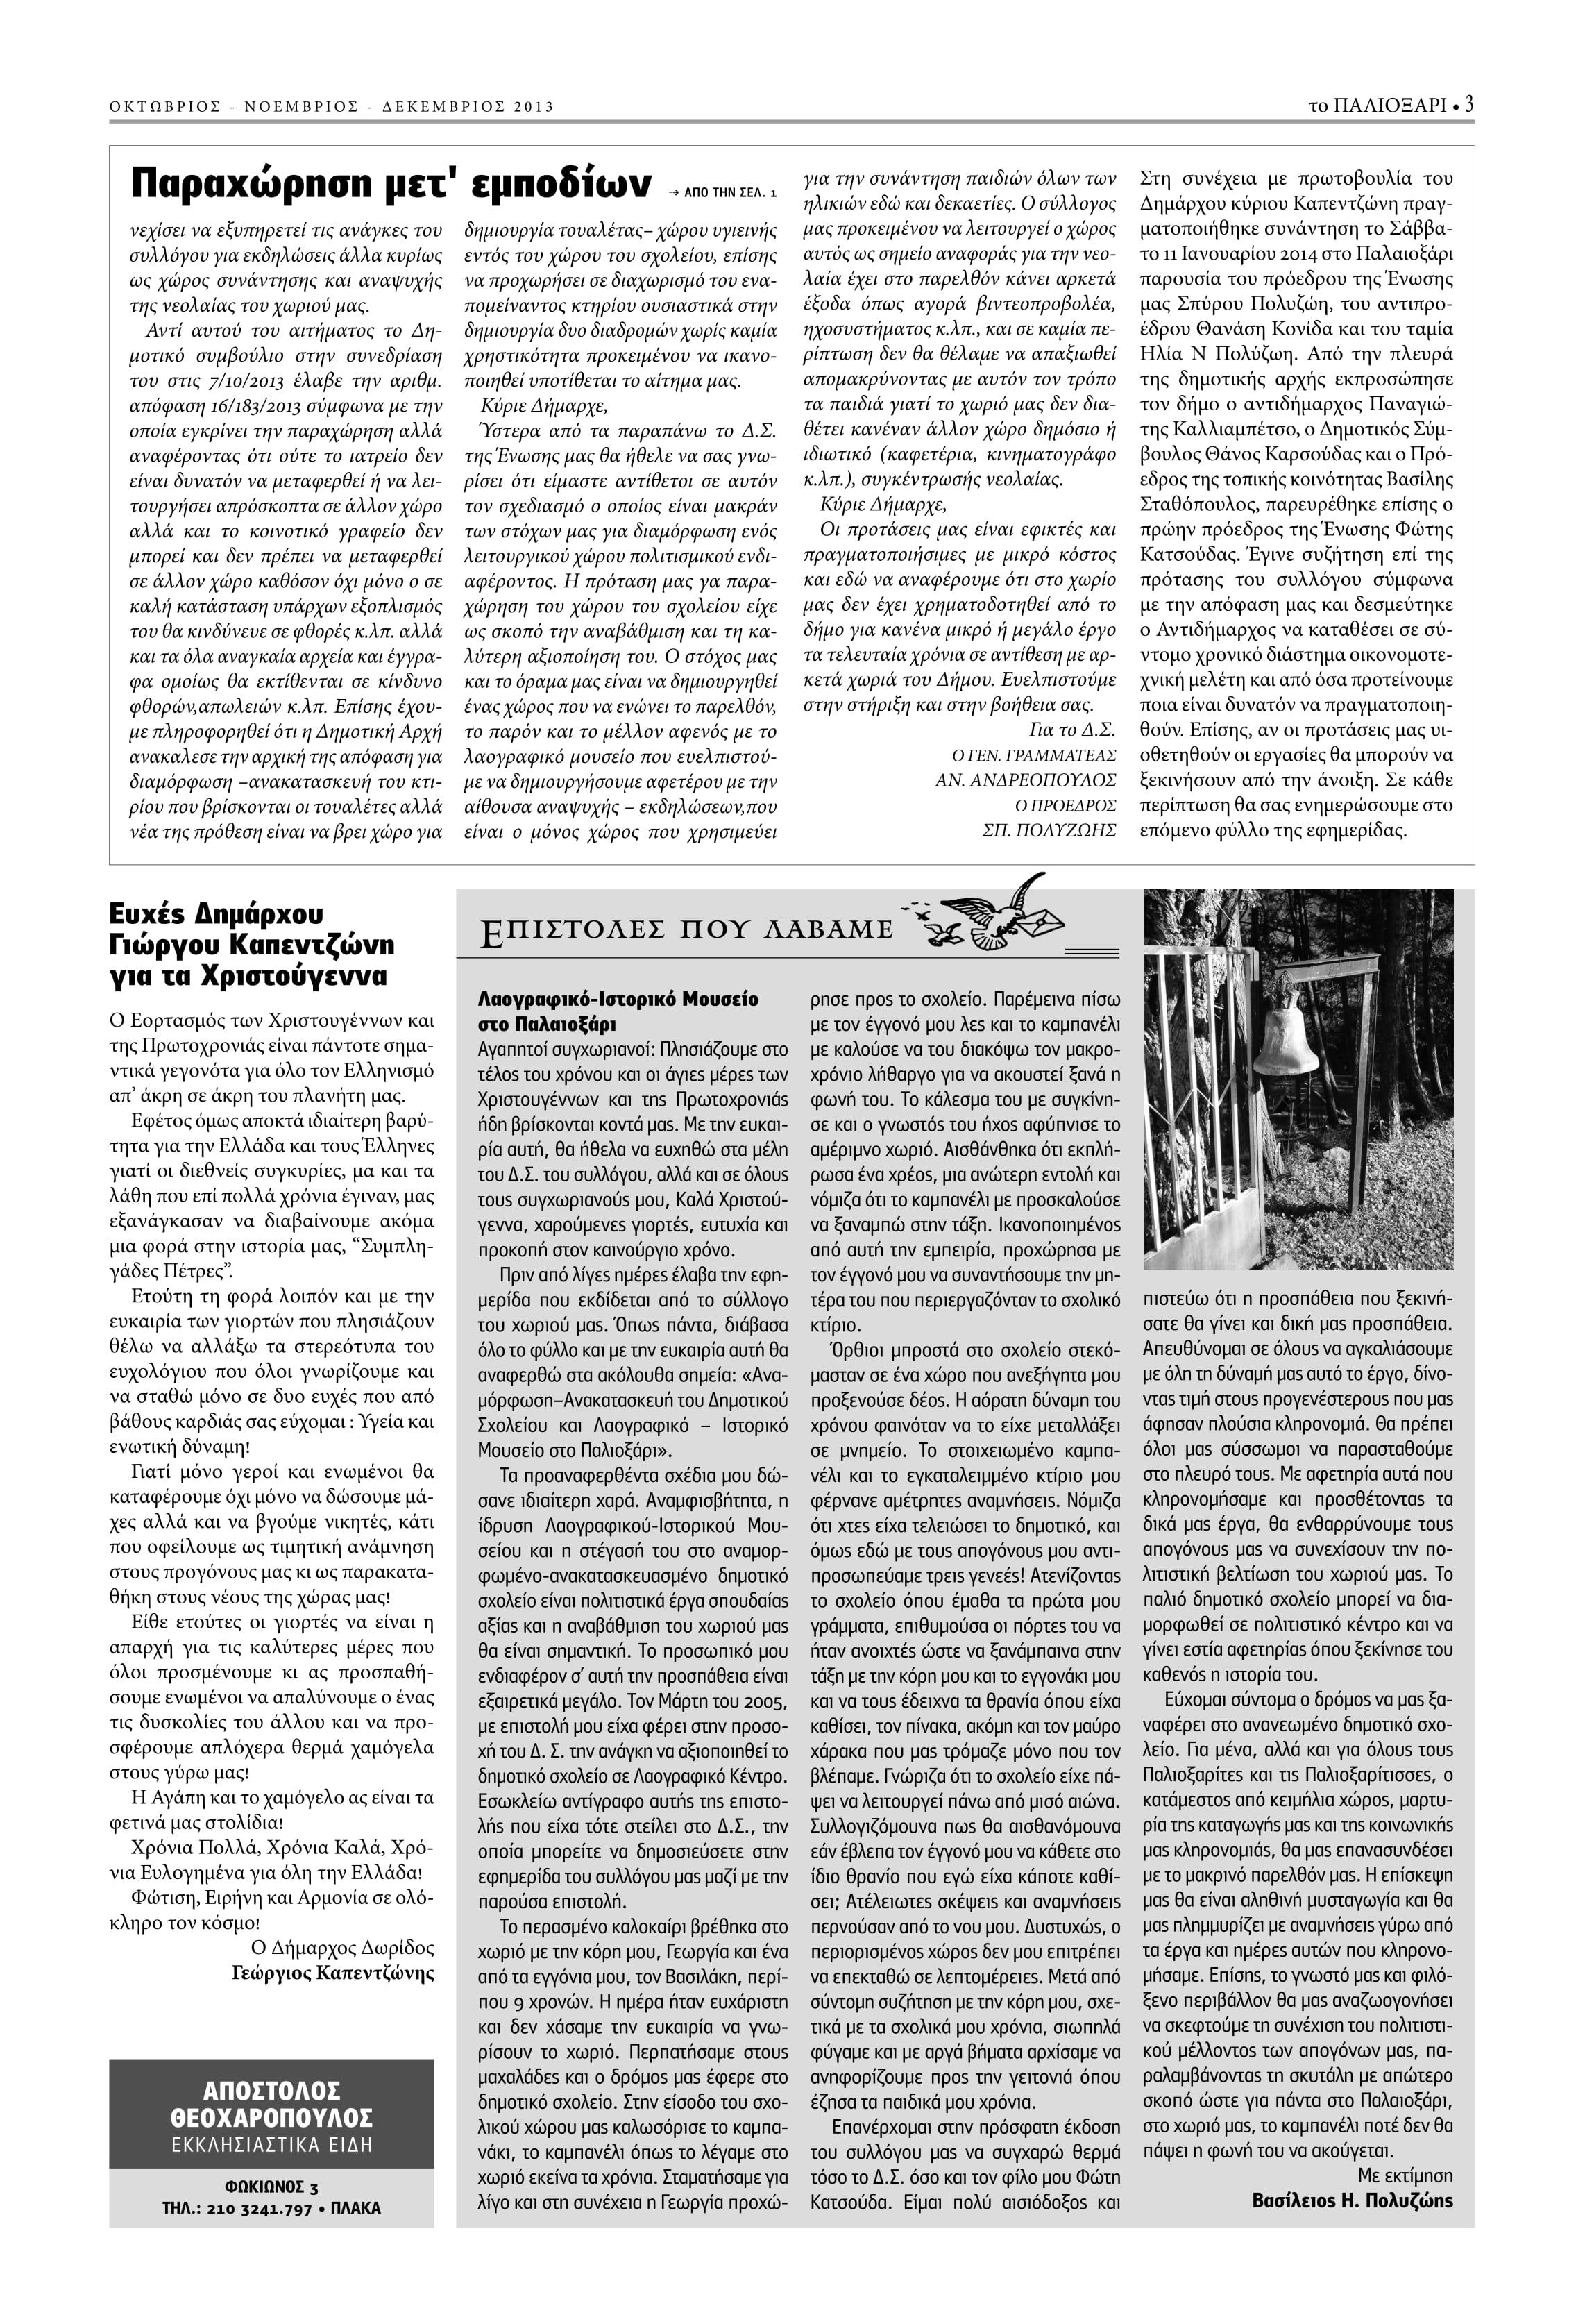 oktnovdek2013-3